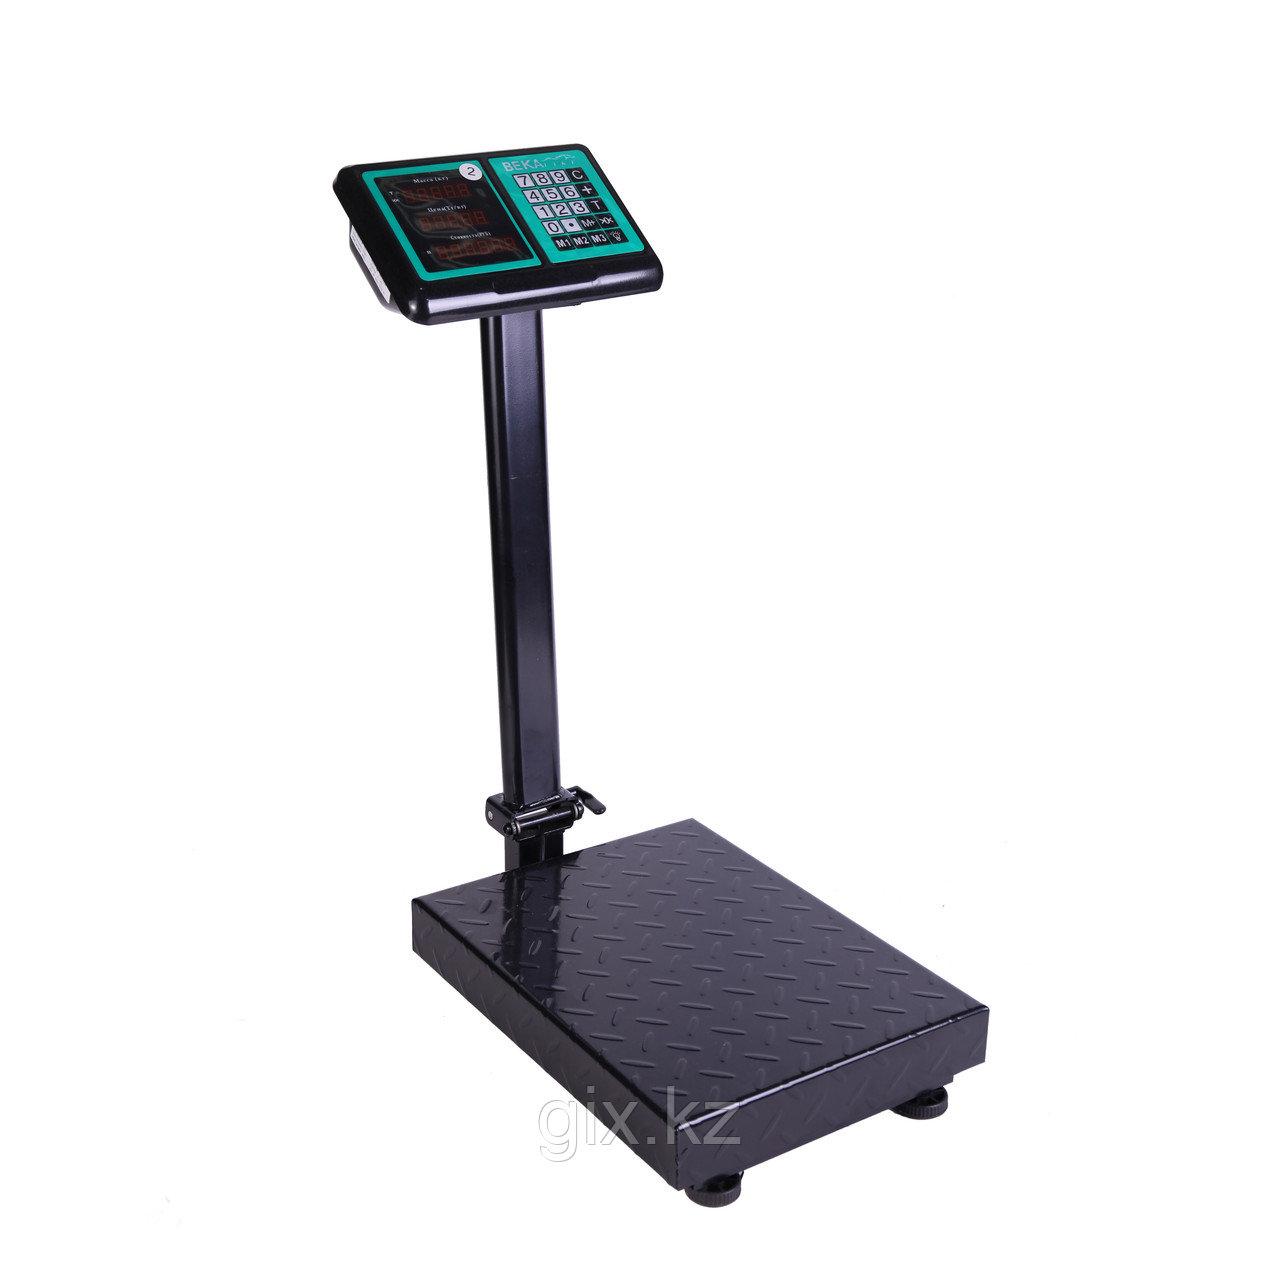 Торговые весы, платформенные, напольные до 300 кг